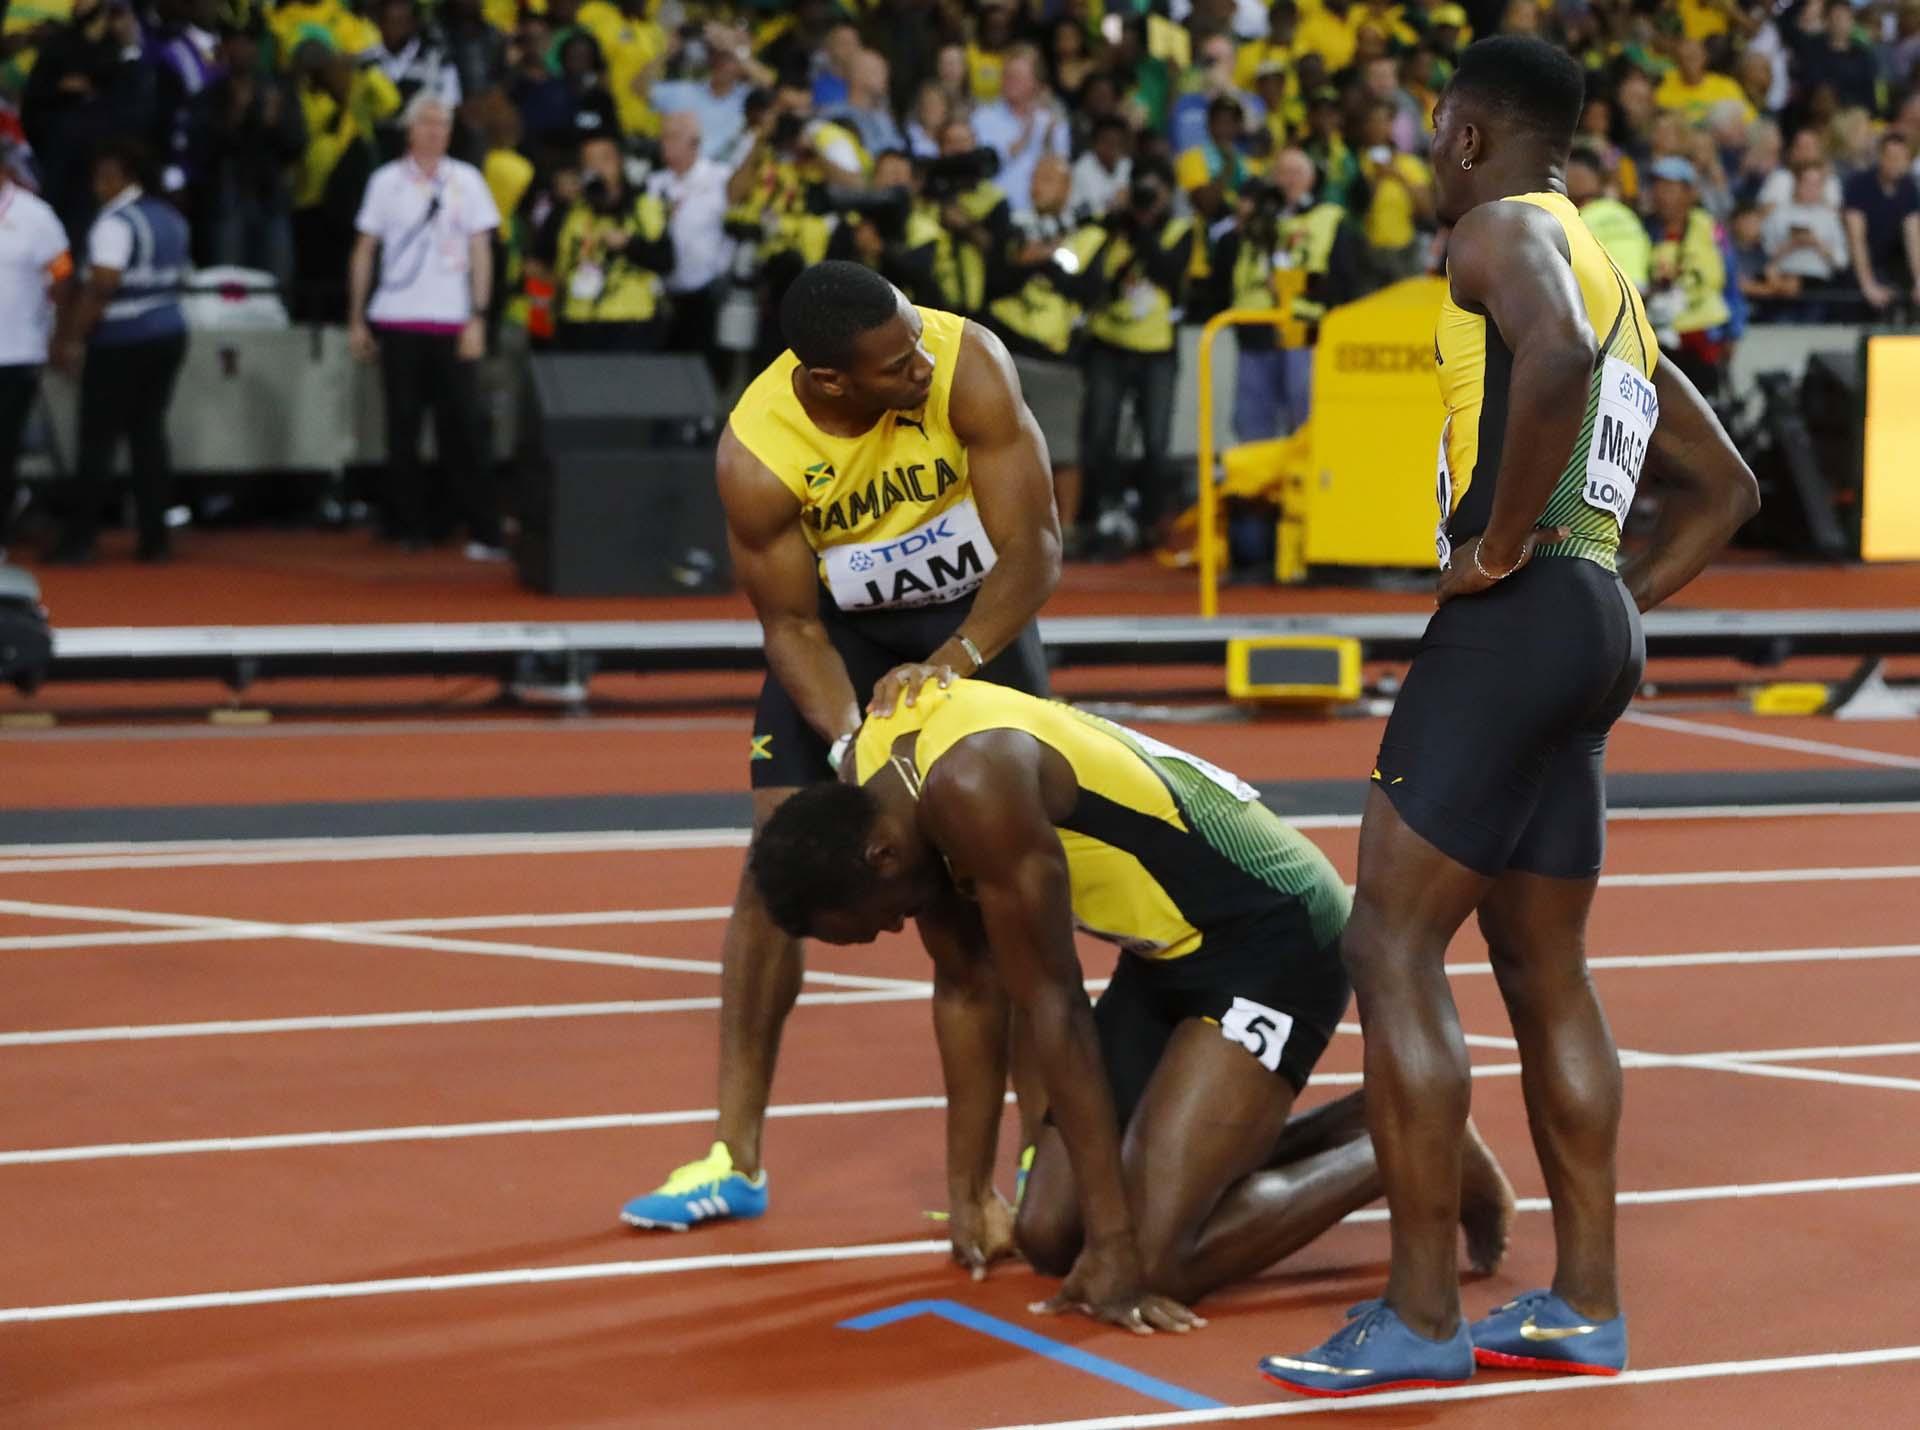 Blake y McLeod acompañan a Bolt; nadie entiende lo sucedido